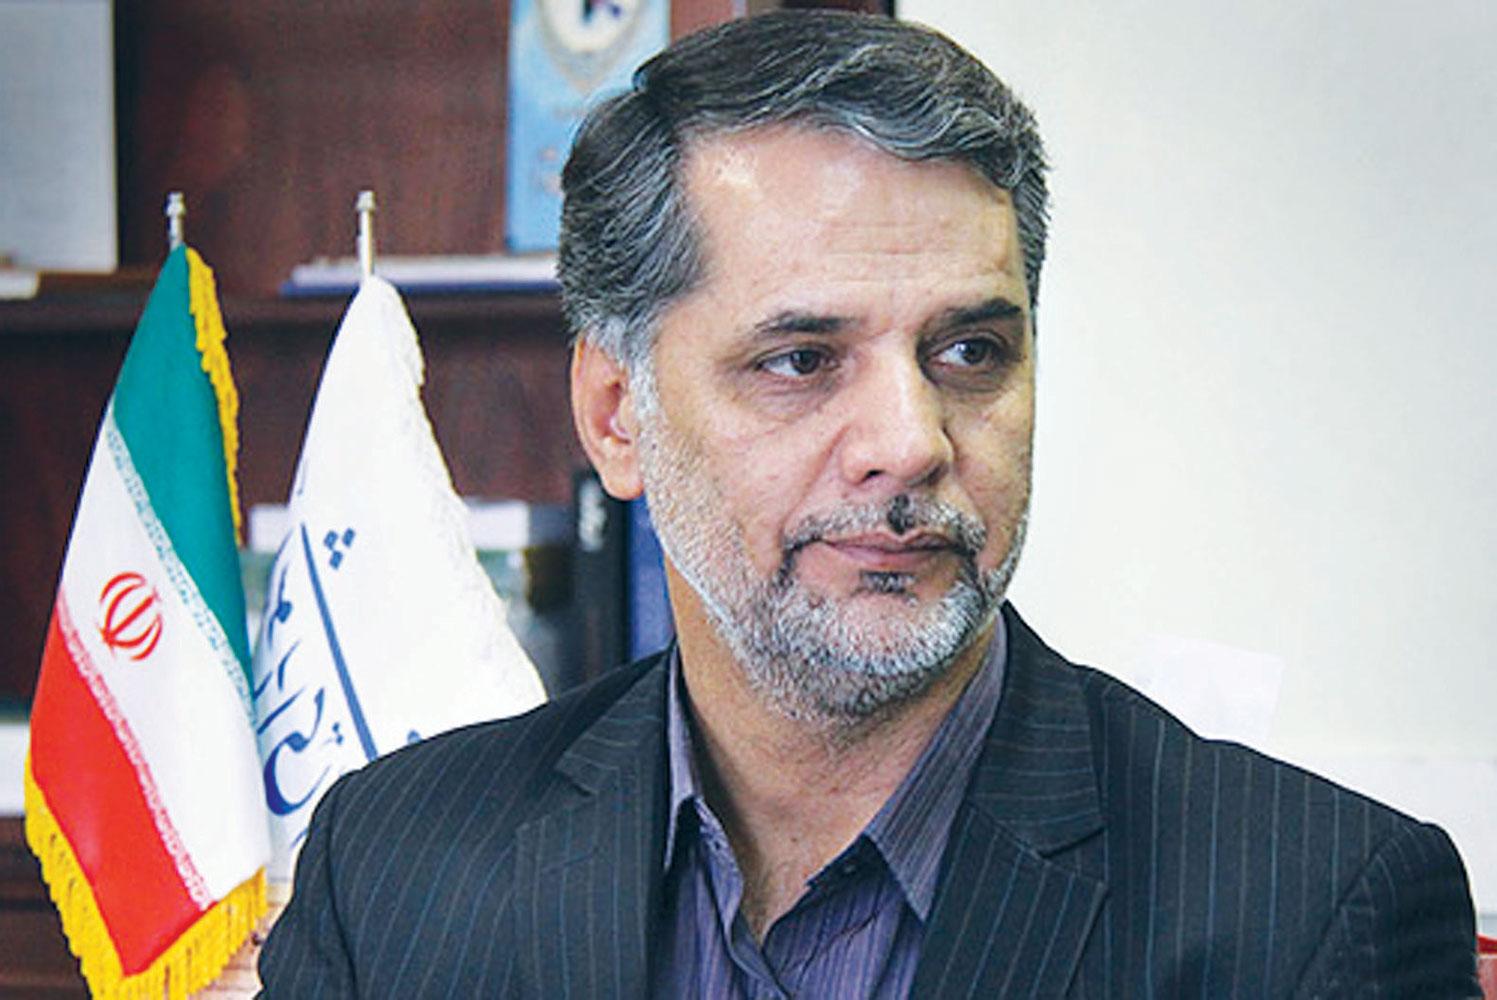 نقوی حسینی: با لغو پخش زنده مناظره کاندیداها مخالفم/ فشار دولت برای لغو مناظرهها